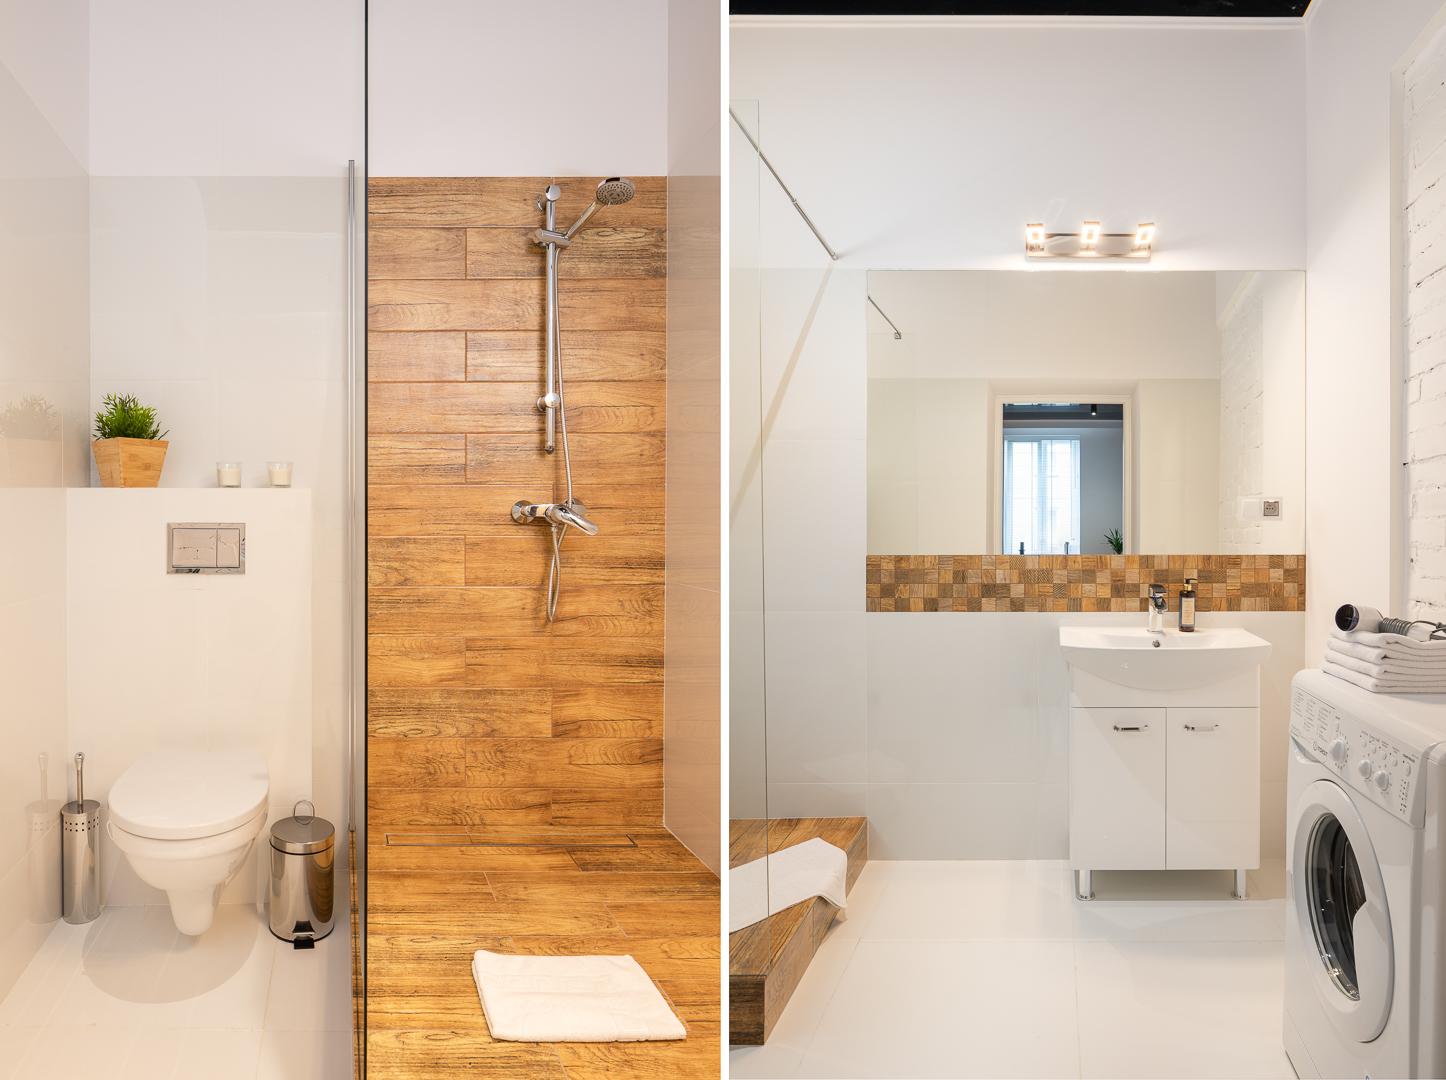 Toilet at Wspolna Apartments